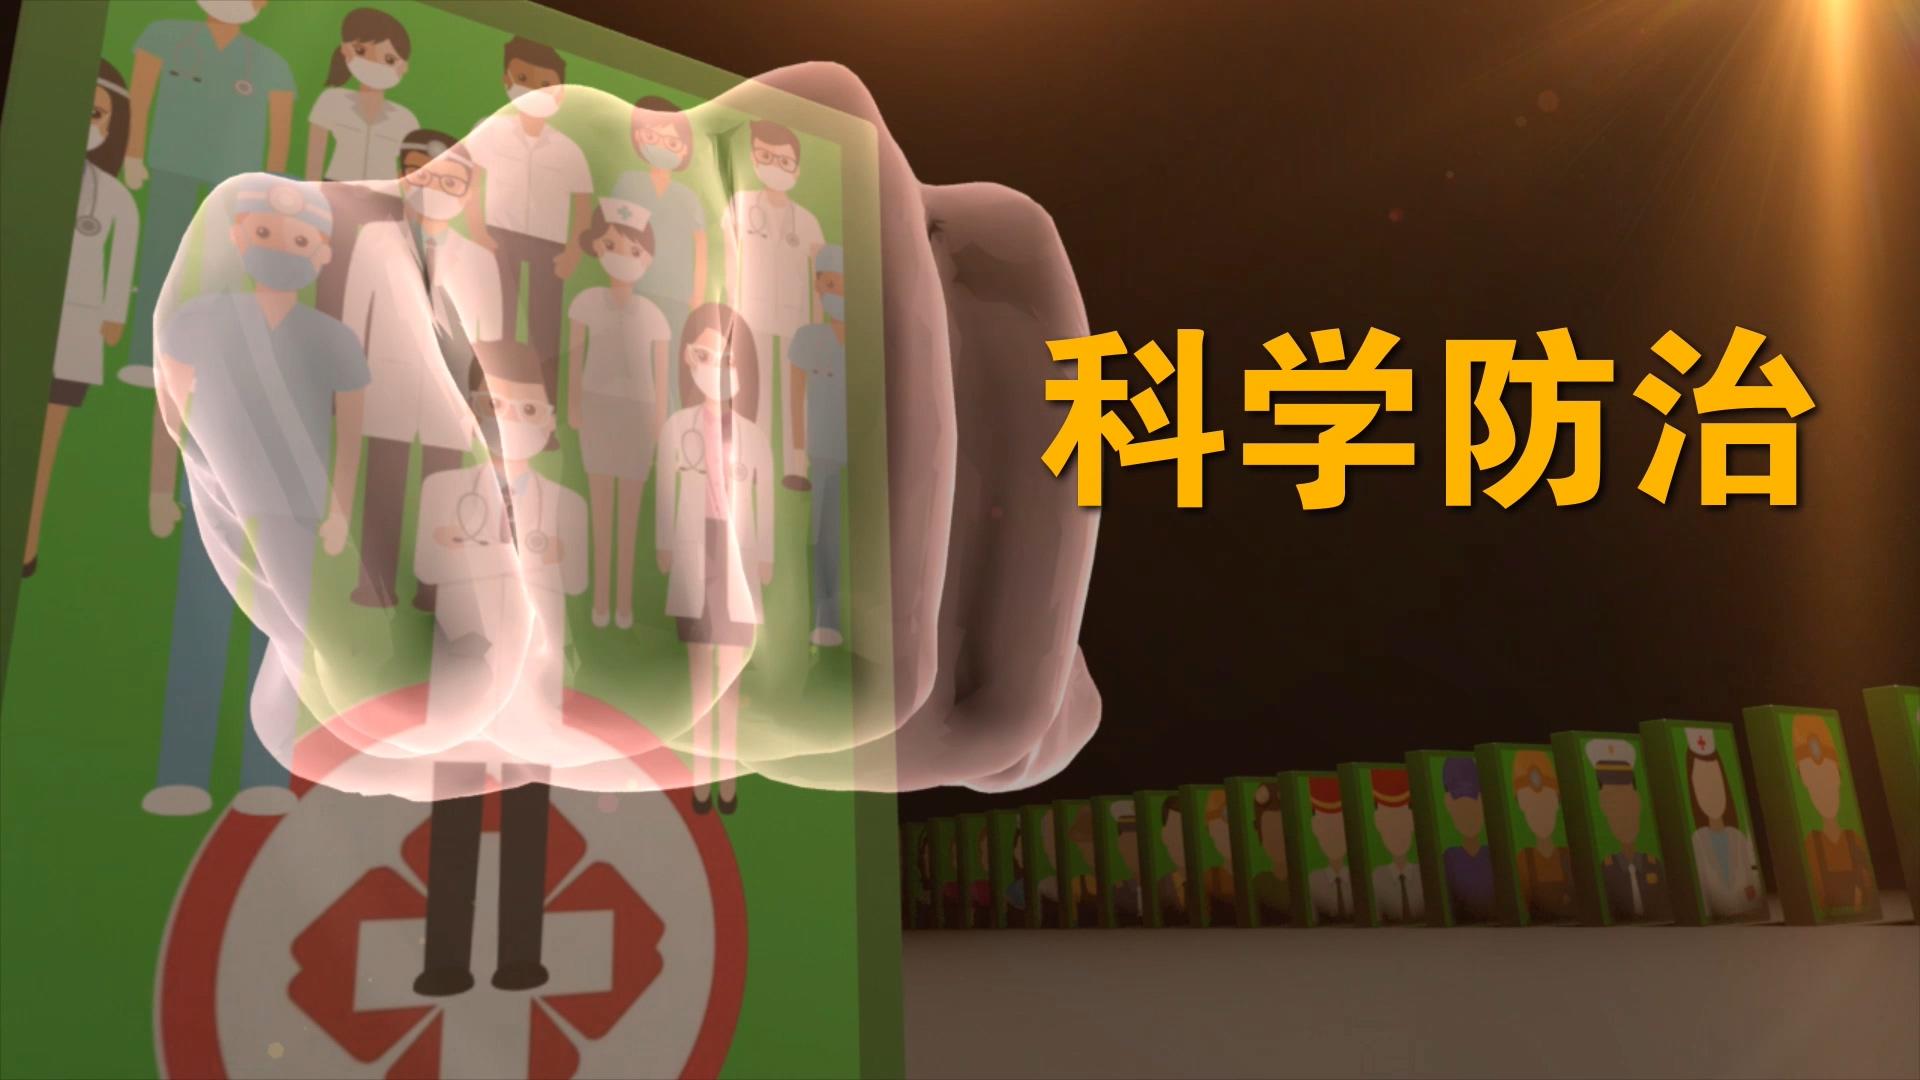 防控疫情公益宣传片信心篇--众志成城